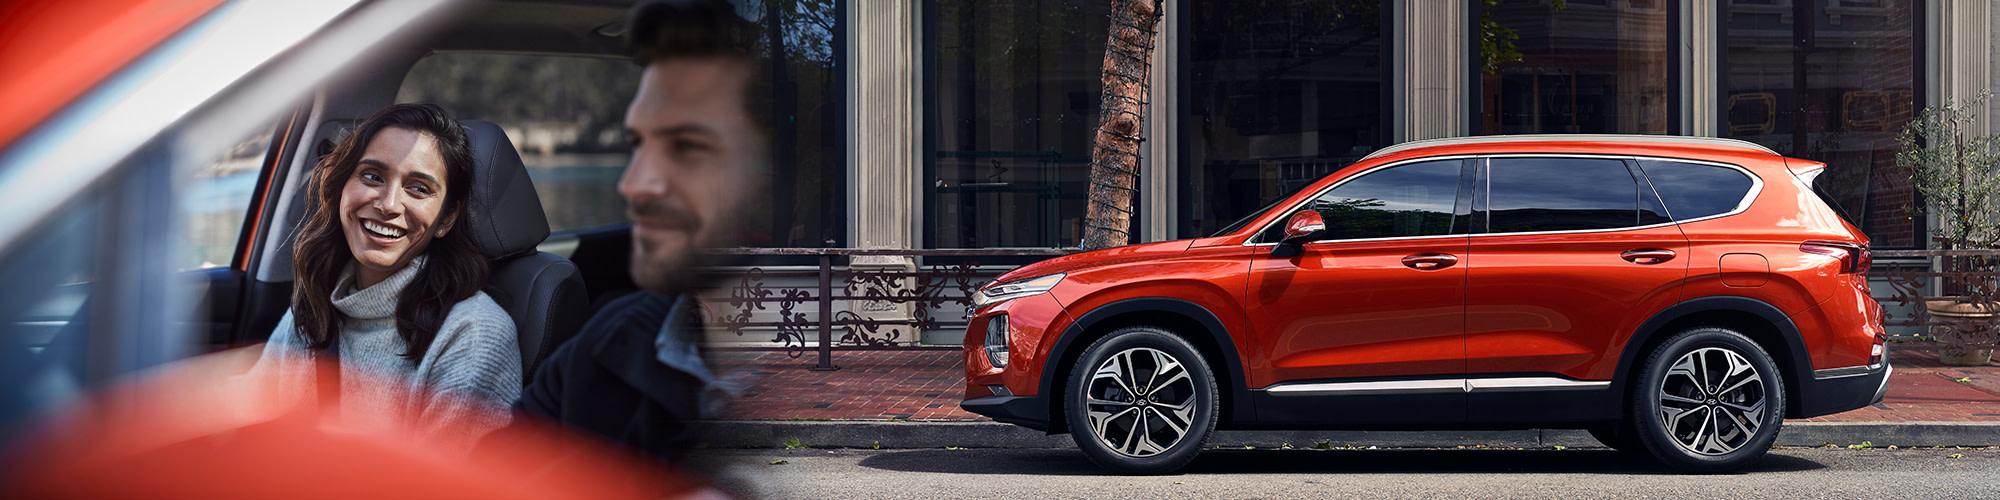 Hyundai Dealership